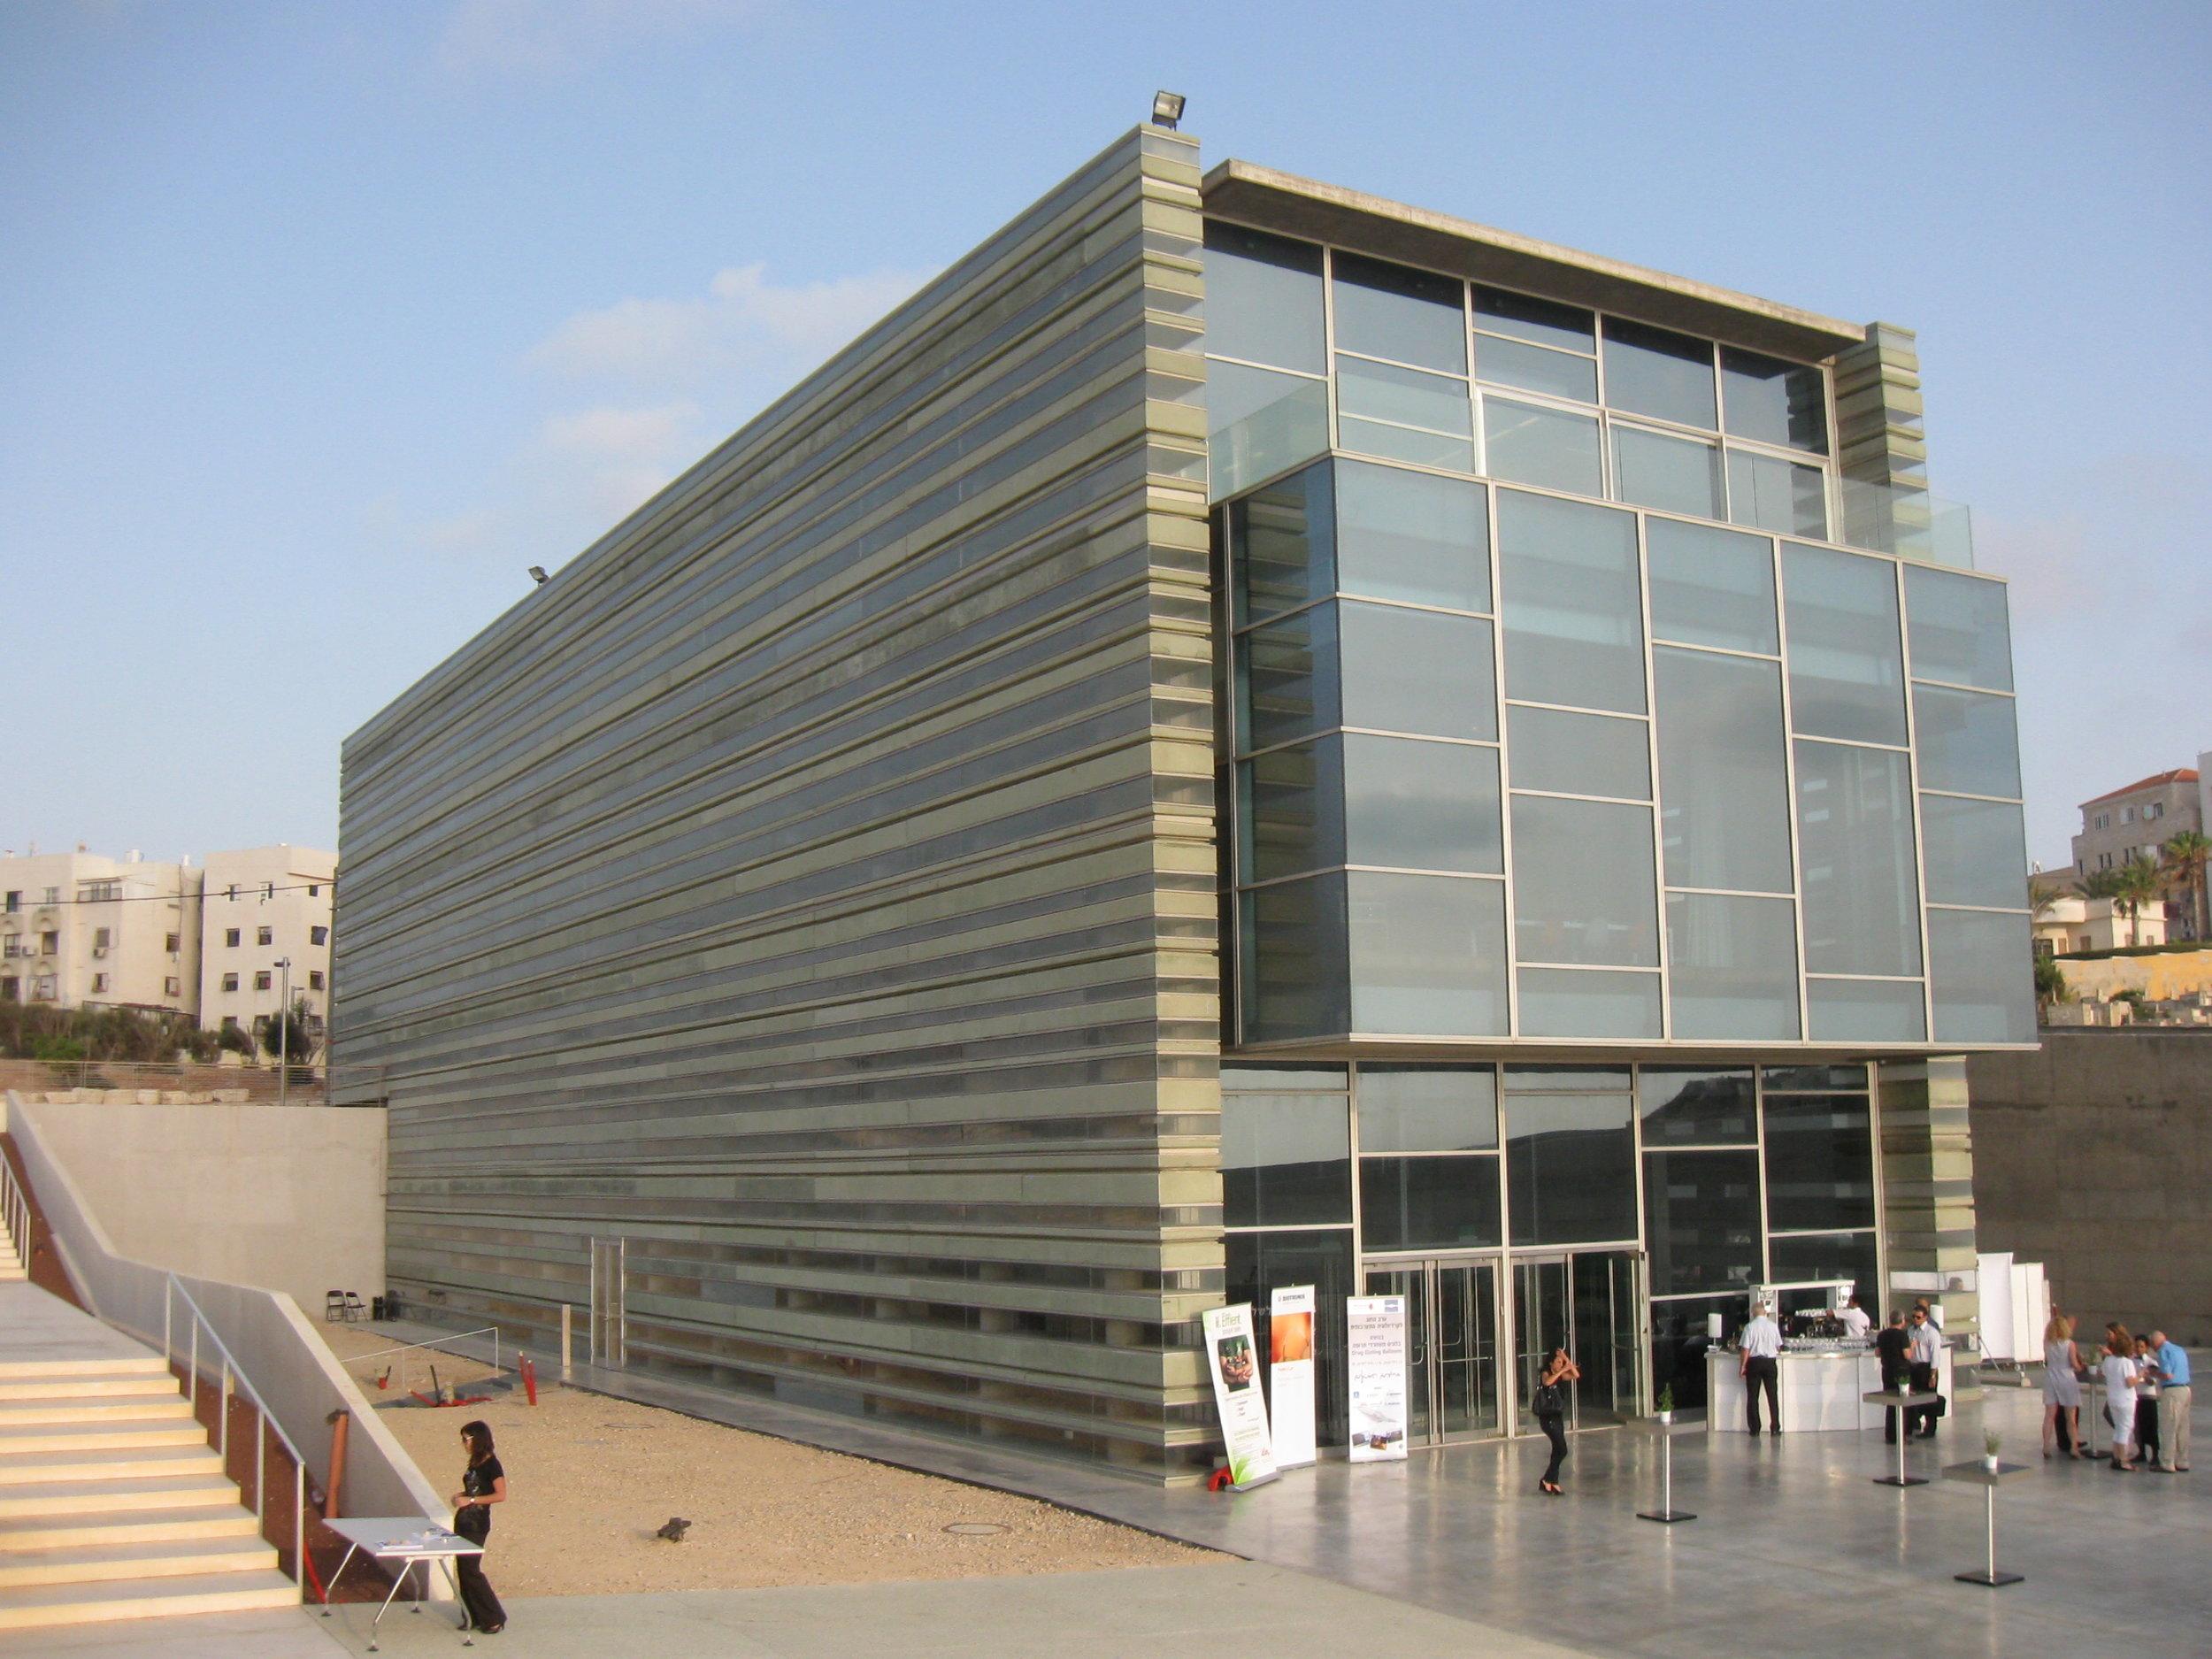 Shimon Peres Center for Peace